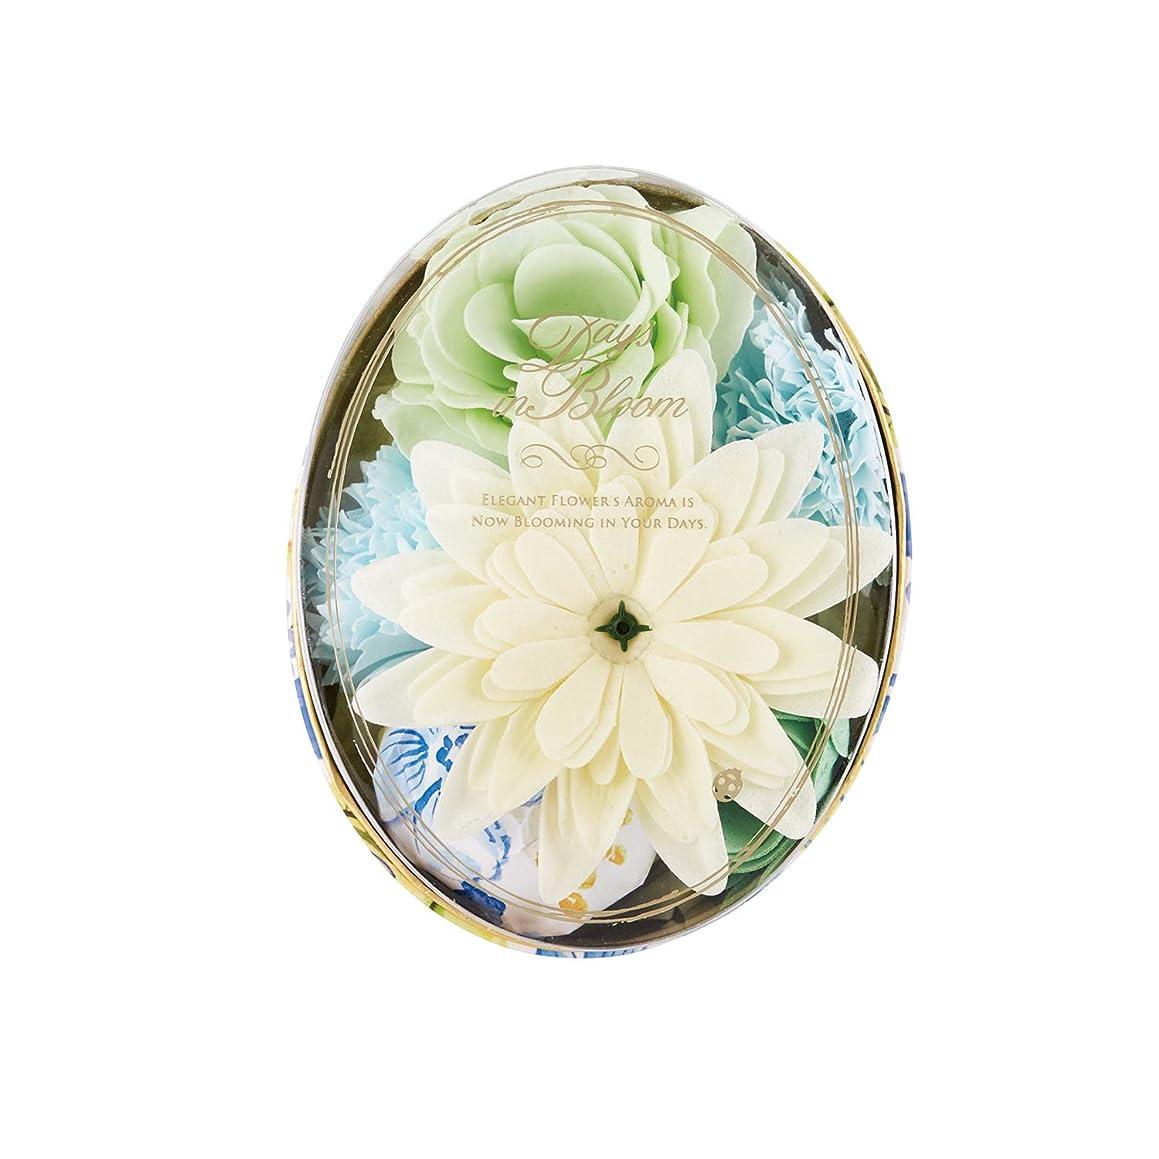 暗くする抑止する前提条件デイズインブルーム バスセットオーバル ガーデニア (入浴料 お花の形のバスギフト)